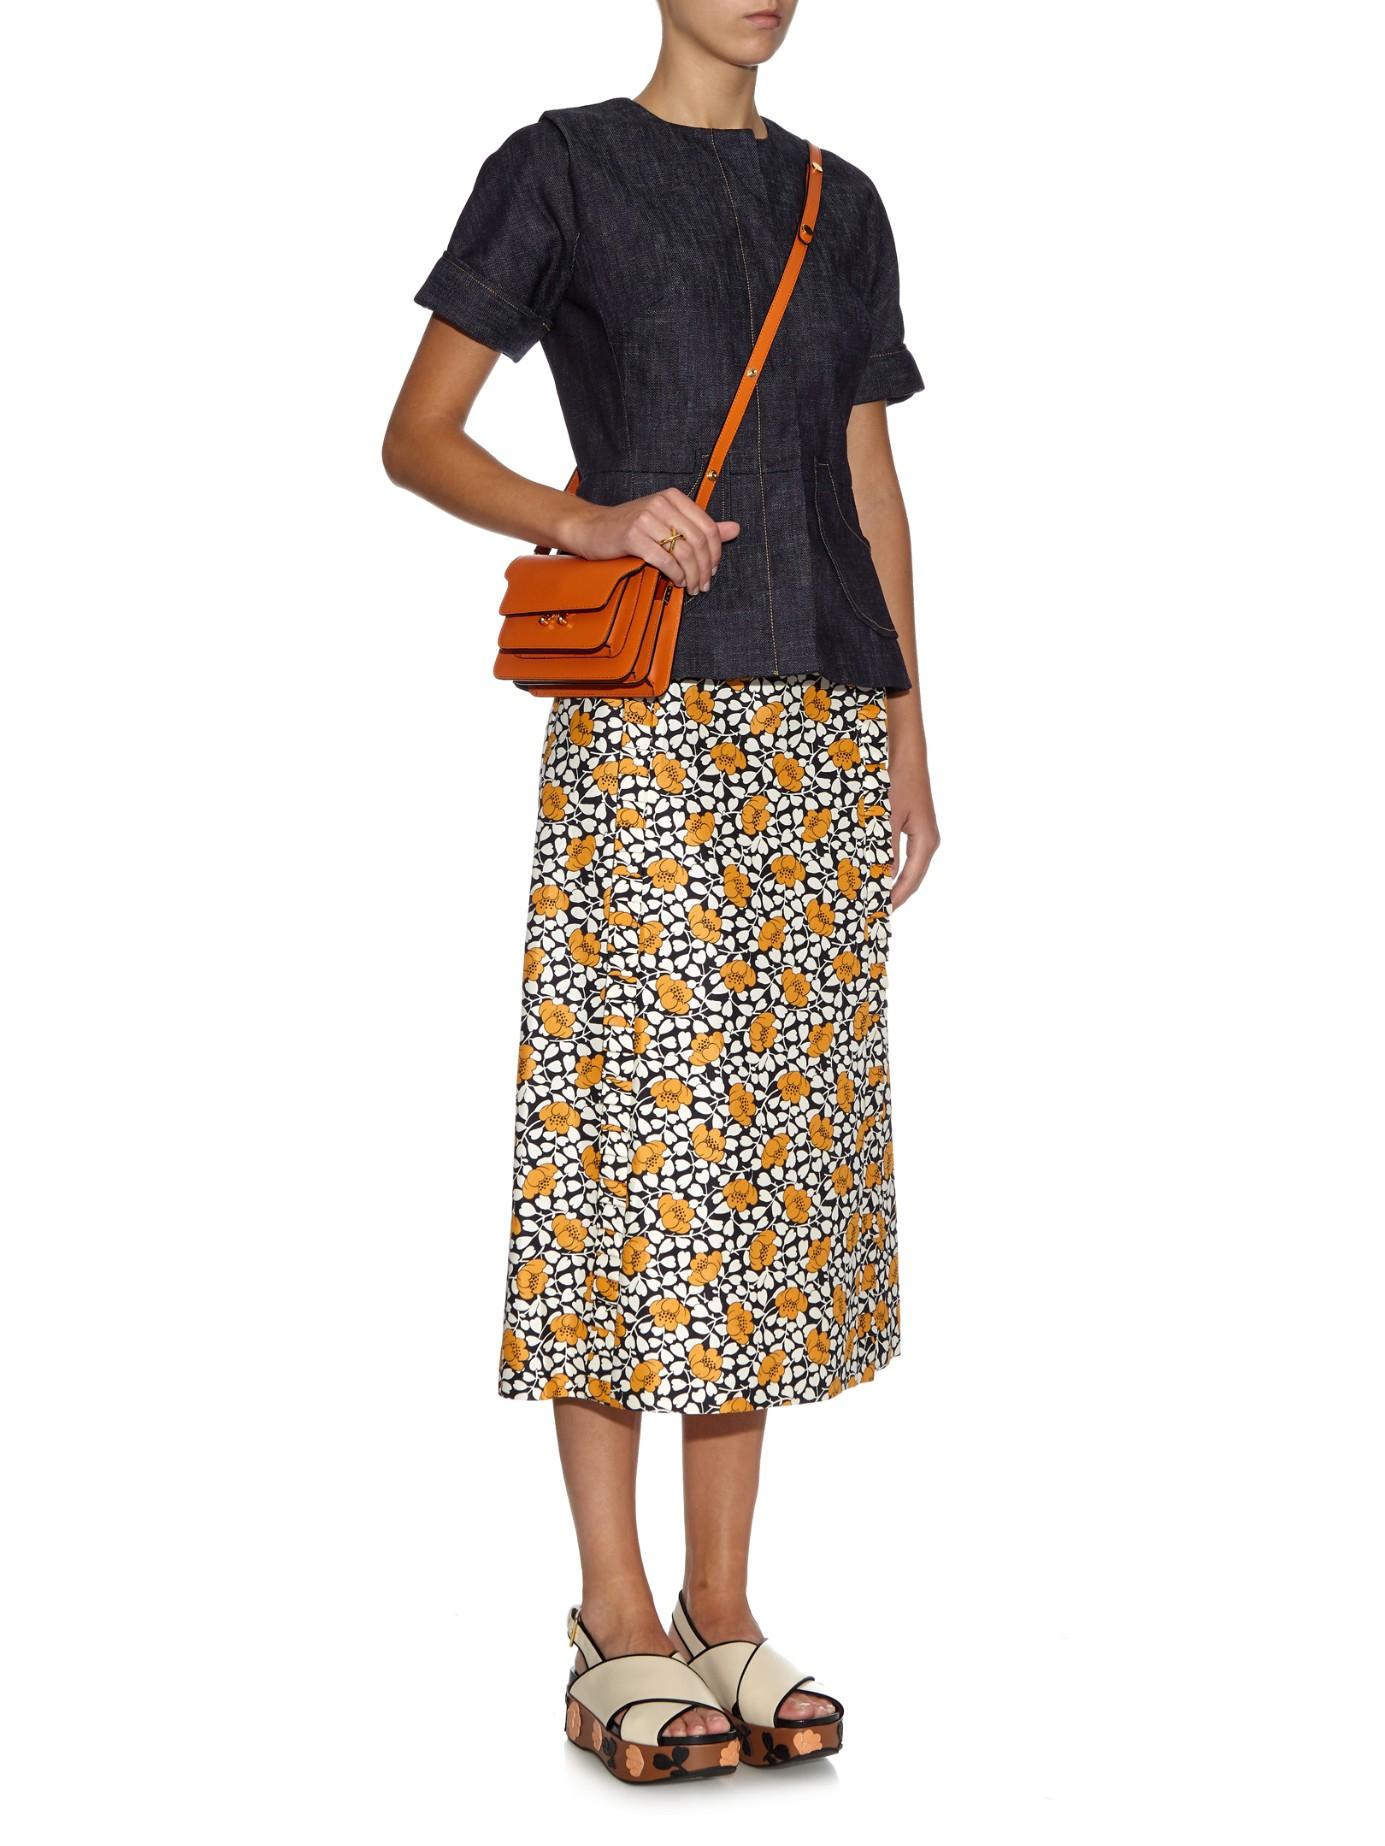 Lyst - Marni Trunk Mini Leather Shoulder Bag in Orange a5a8c09e73228